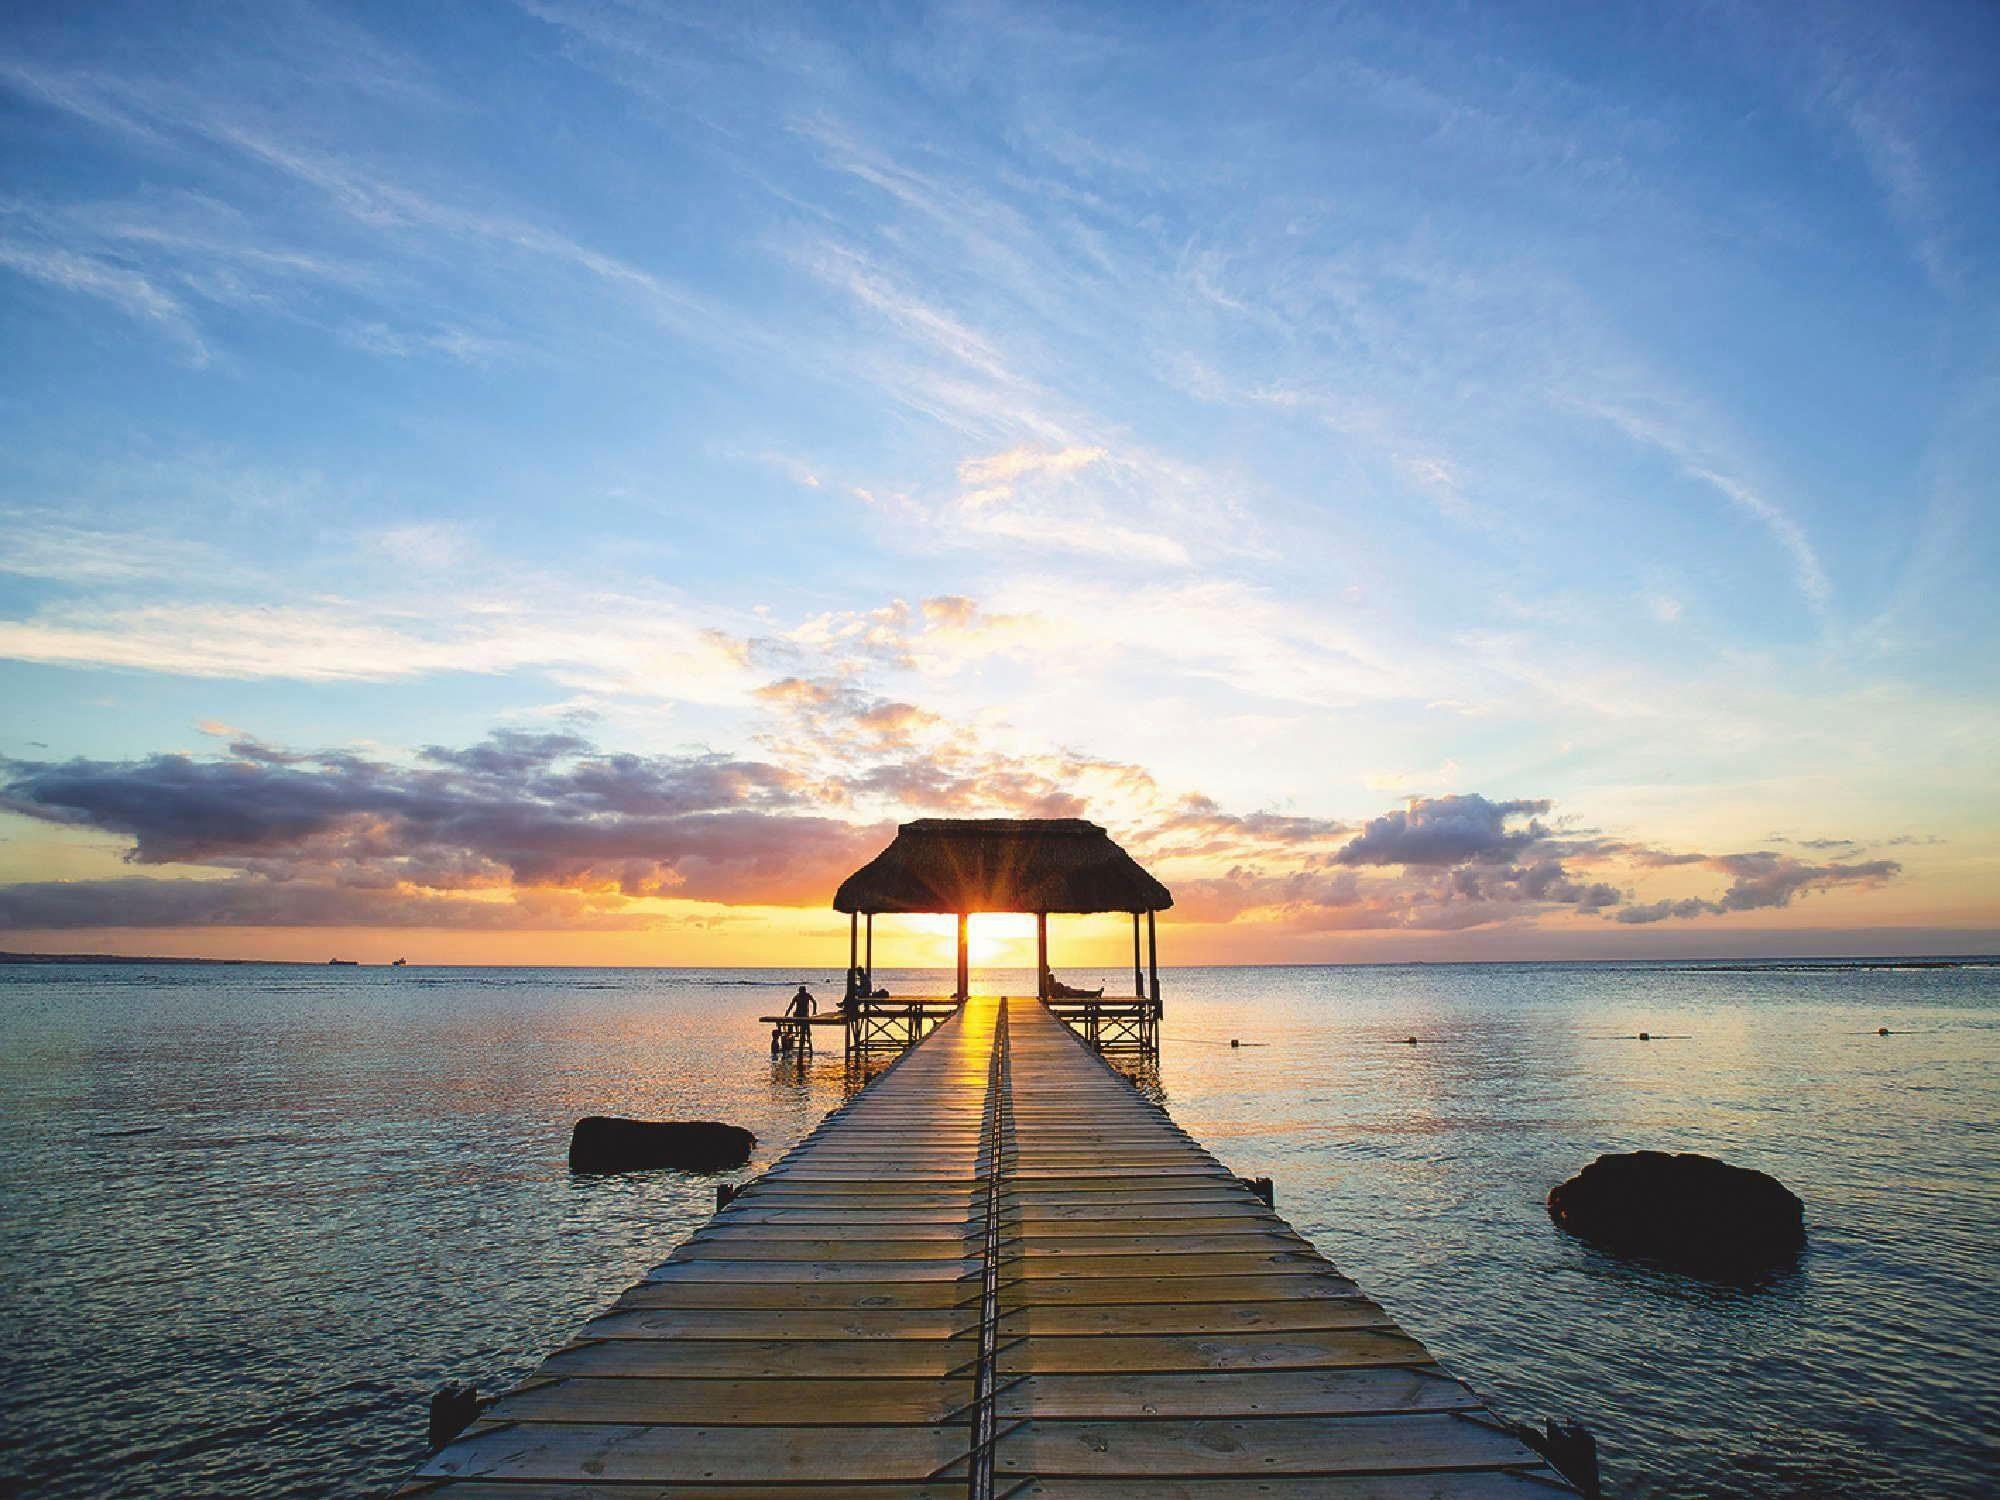 Home affaire Glasbild »Steg-Silhouette im Gegenlicht vor Sonnenuntergang auf Mauritius«, 80/60 cm